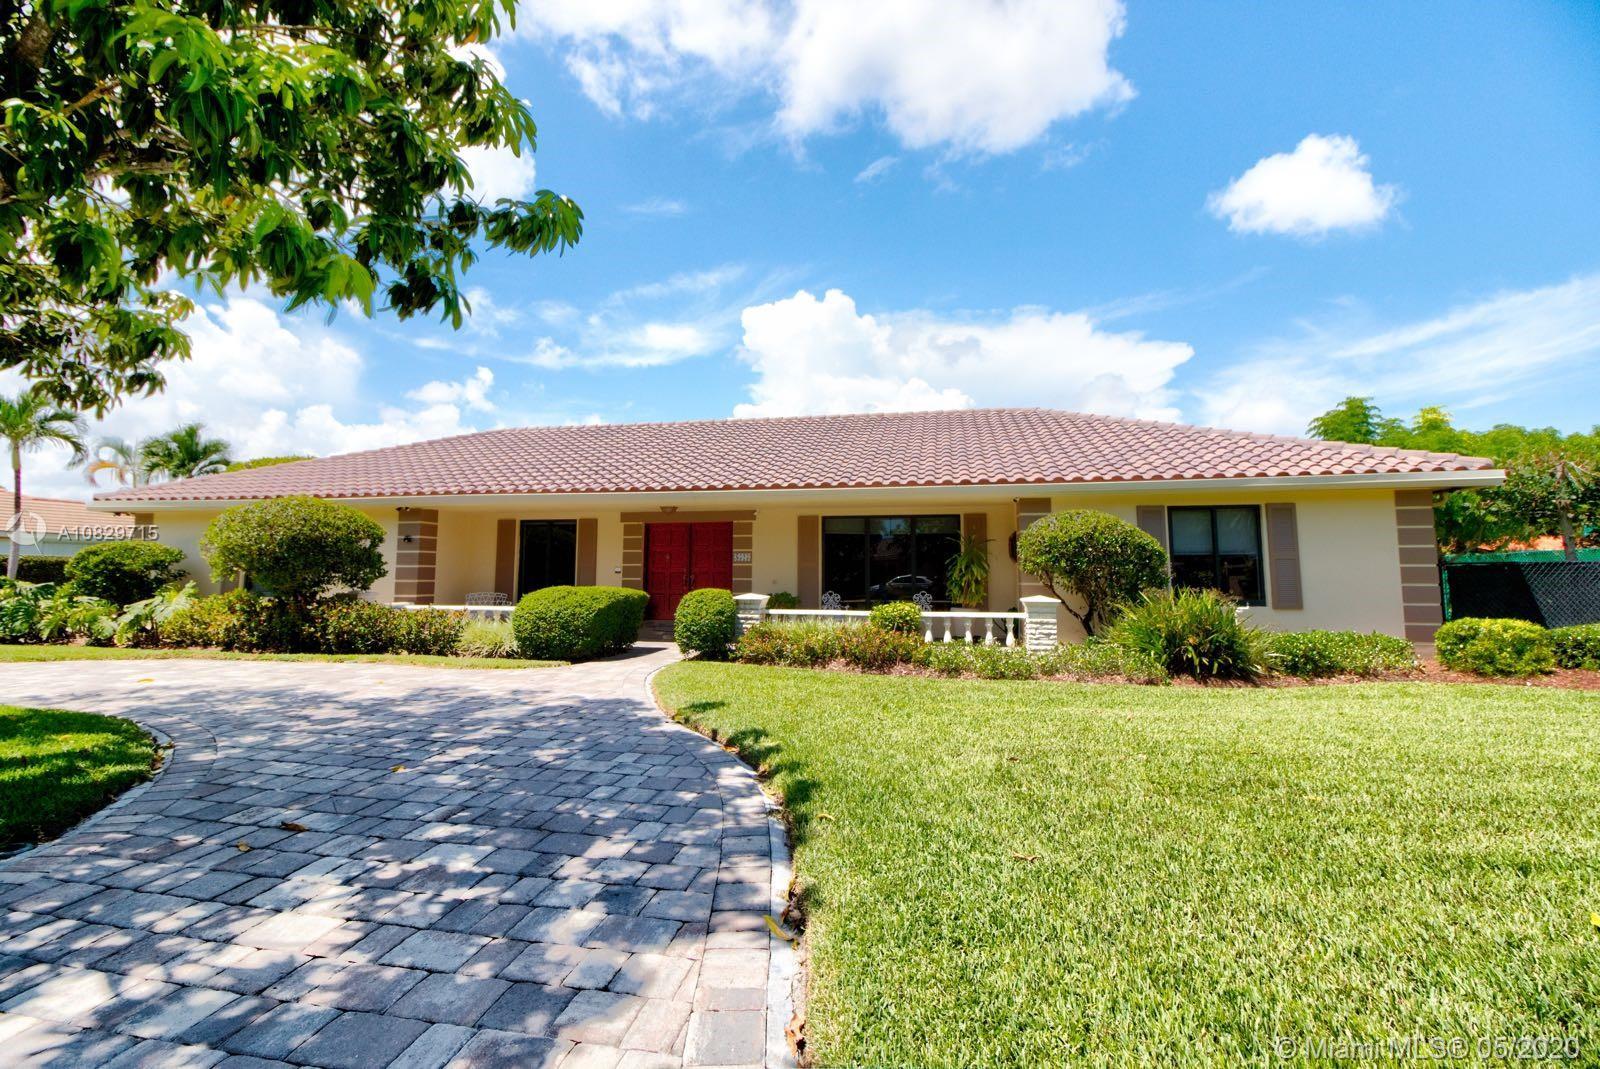 8525 SW 74th Ter, Miami, FL 33143 - Miami, FL real estate listing